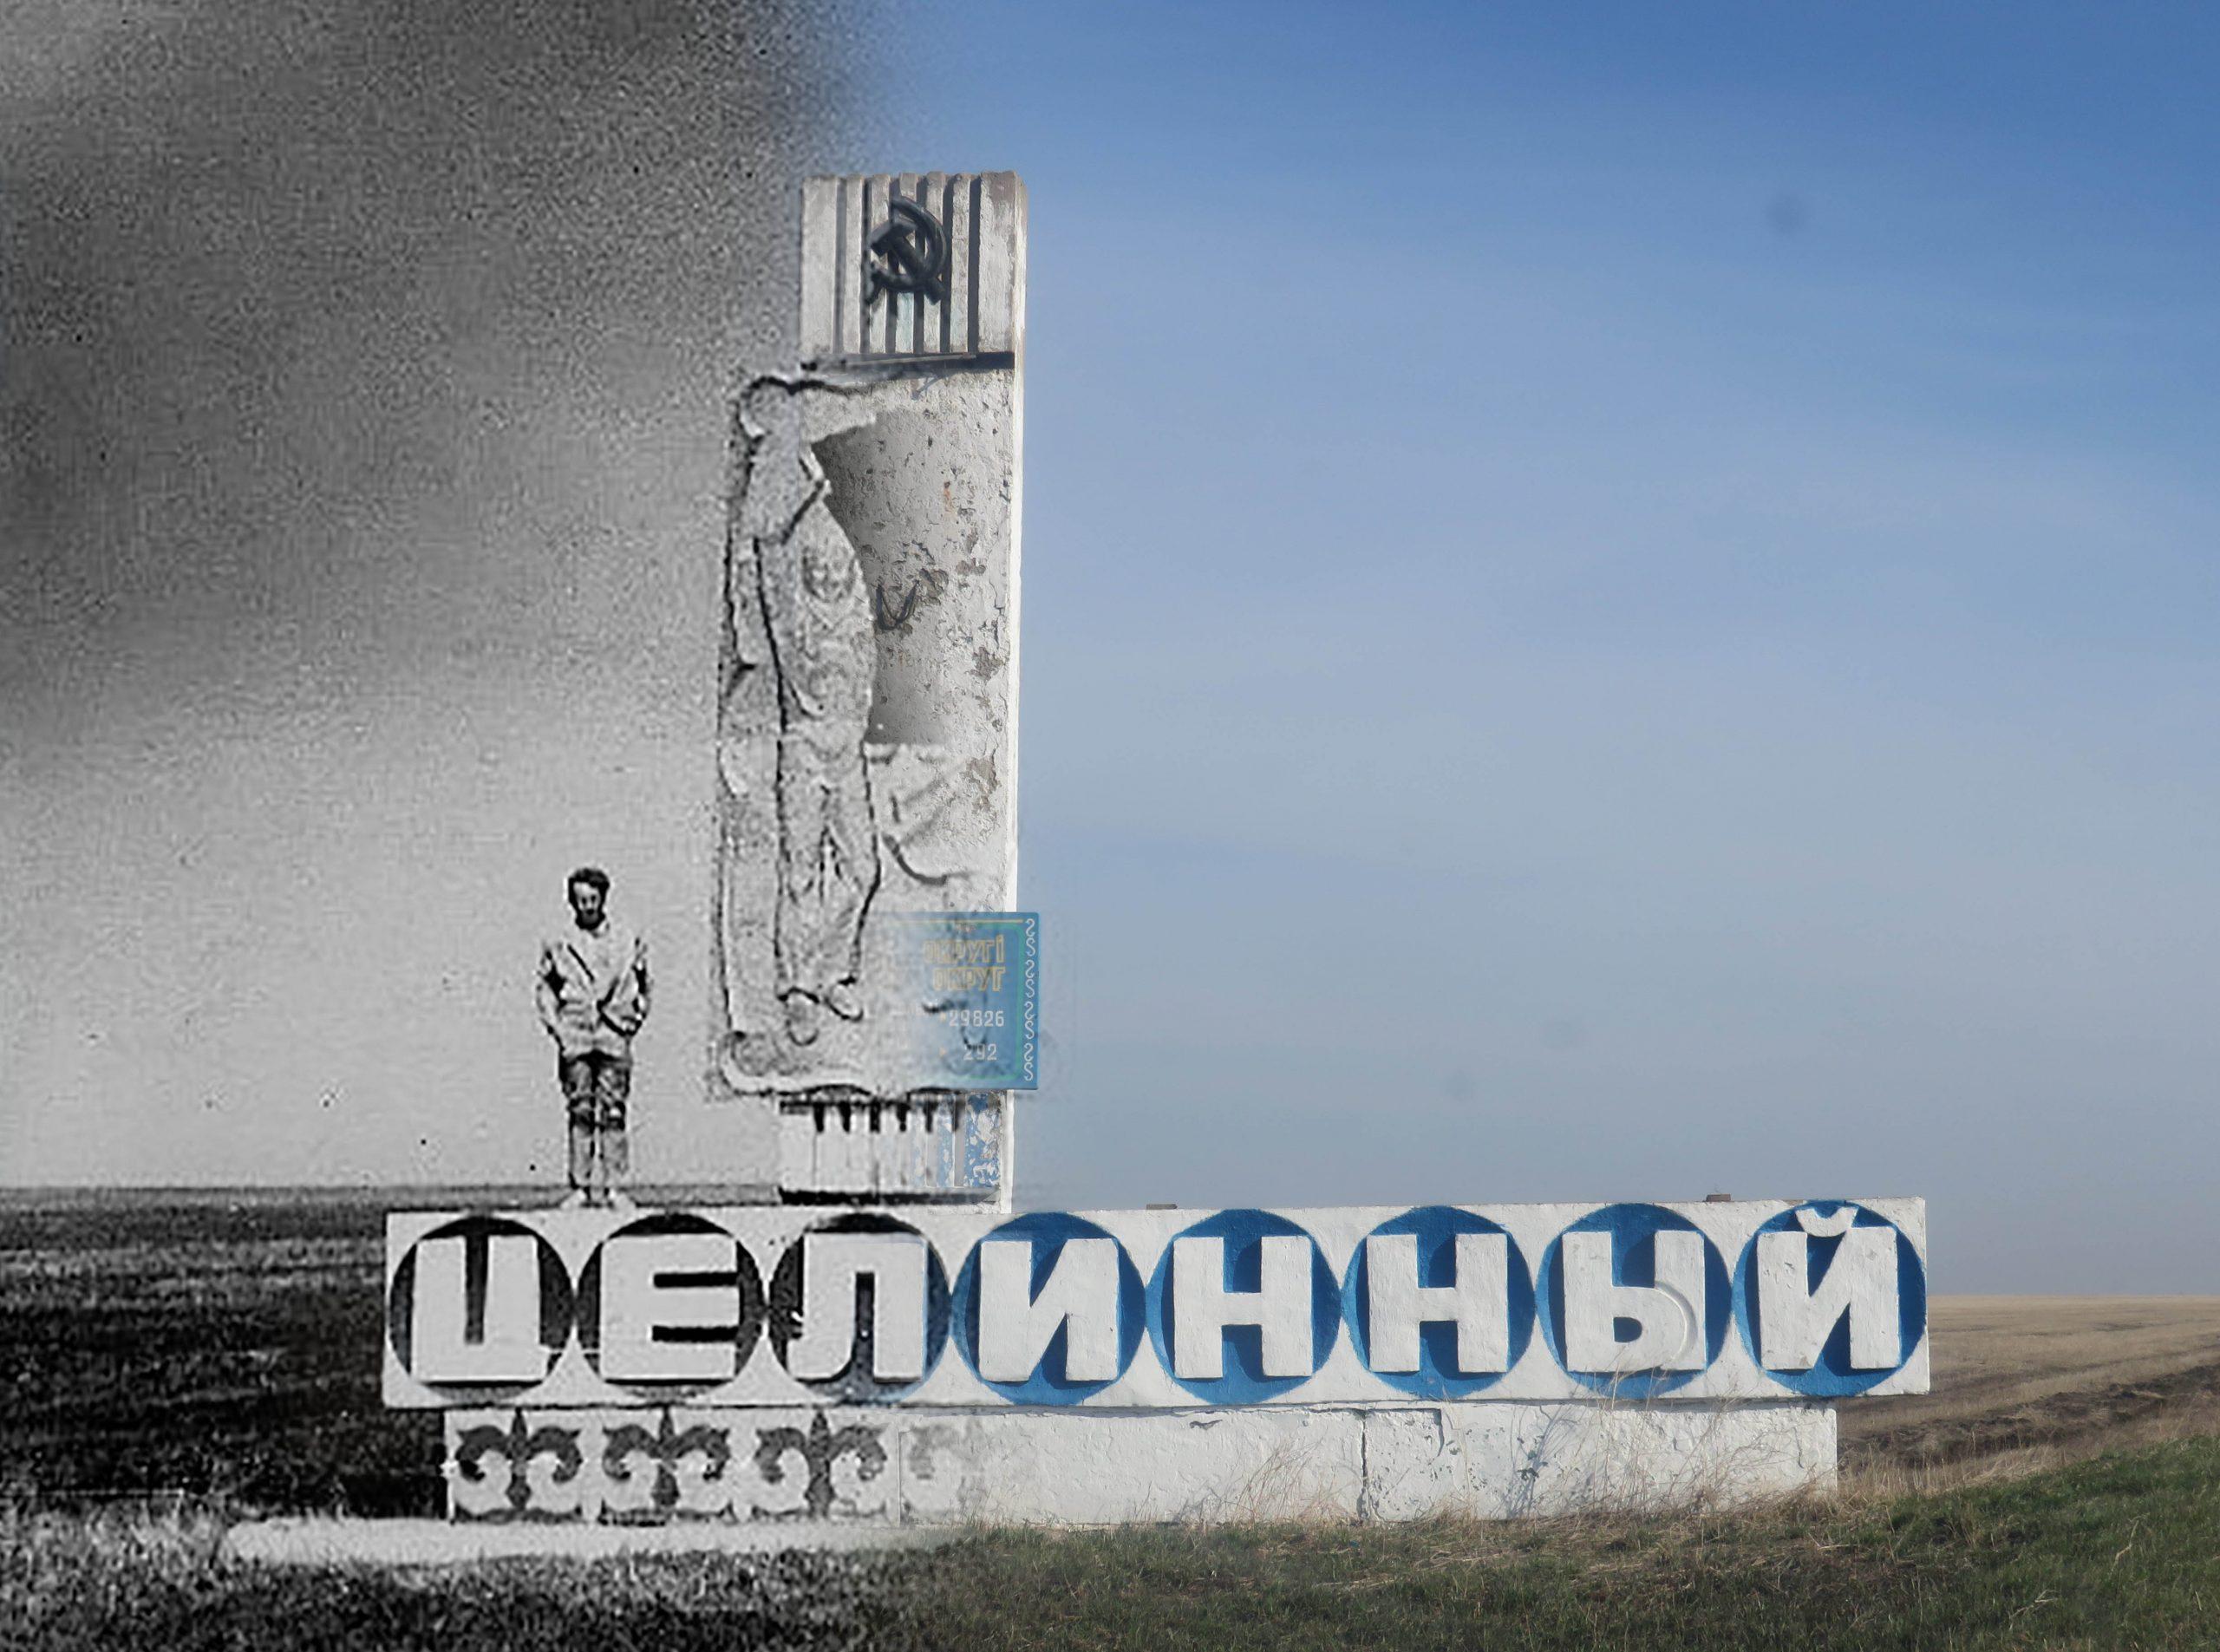 Село Целинное на севере Казахстана: было-стало